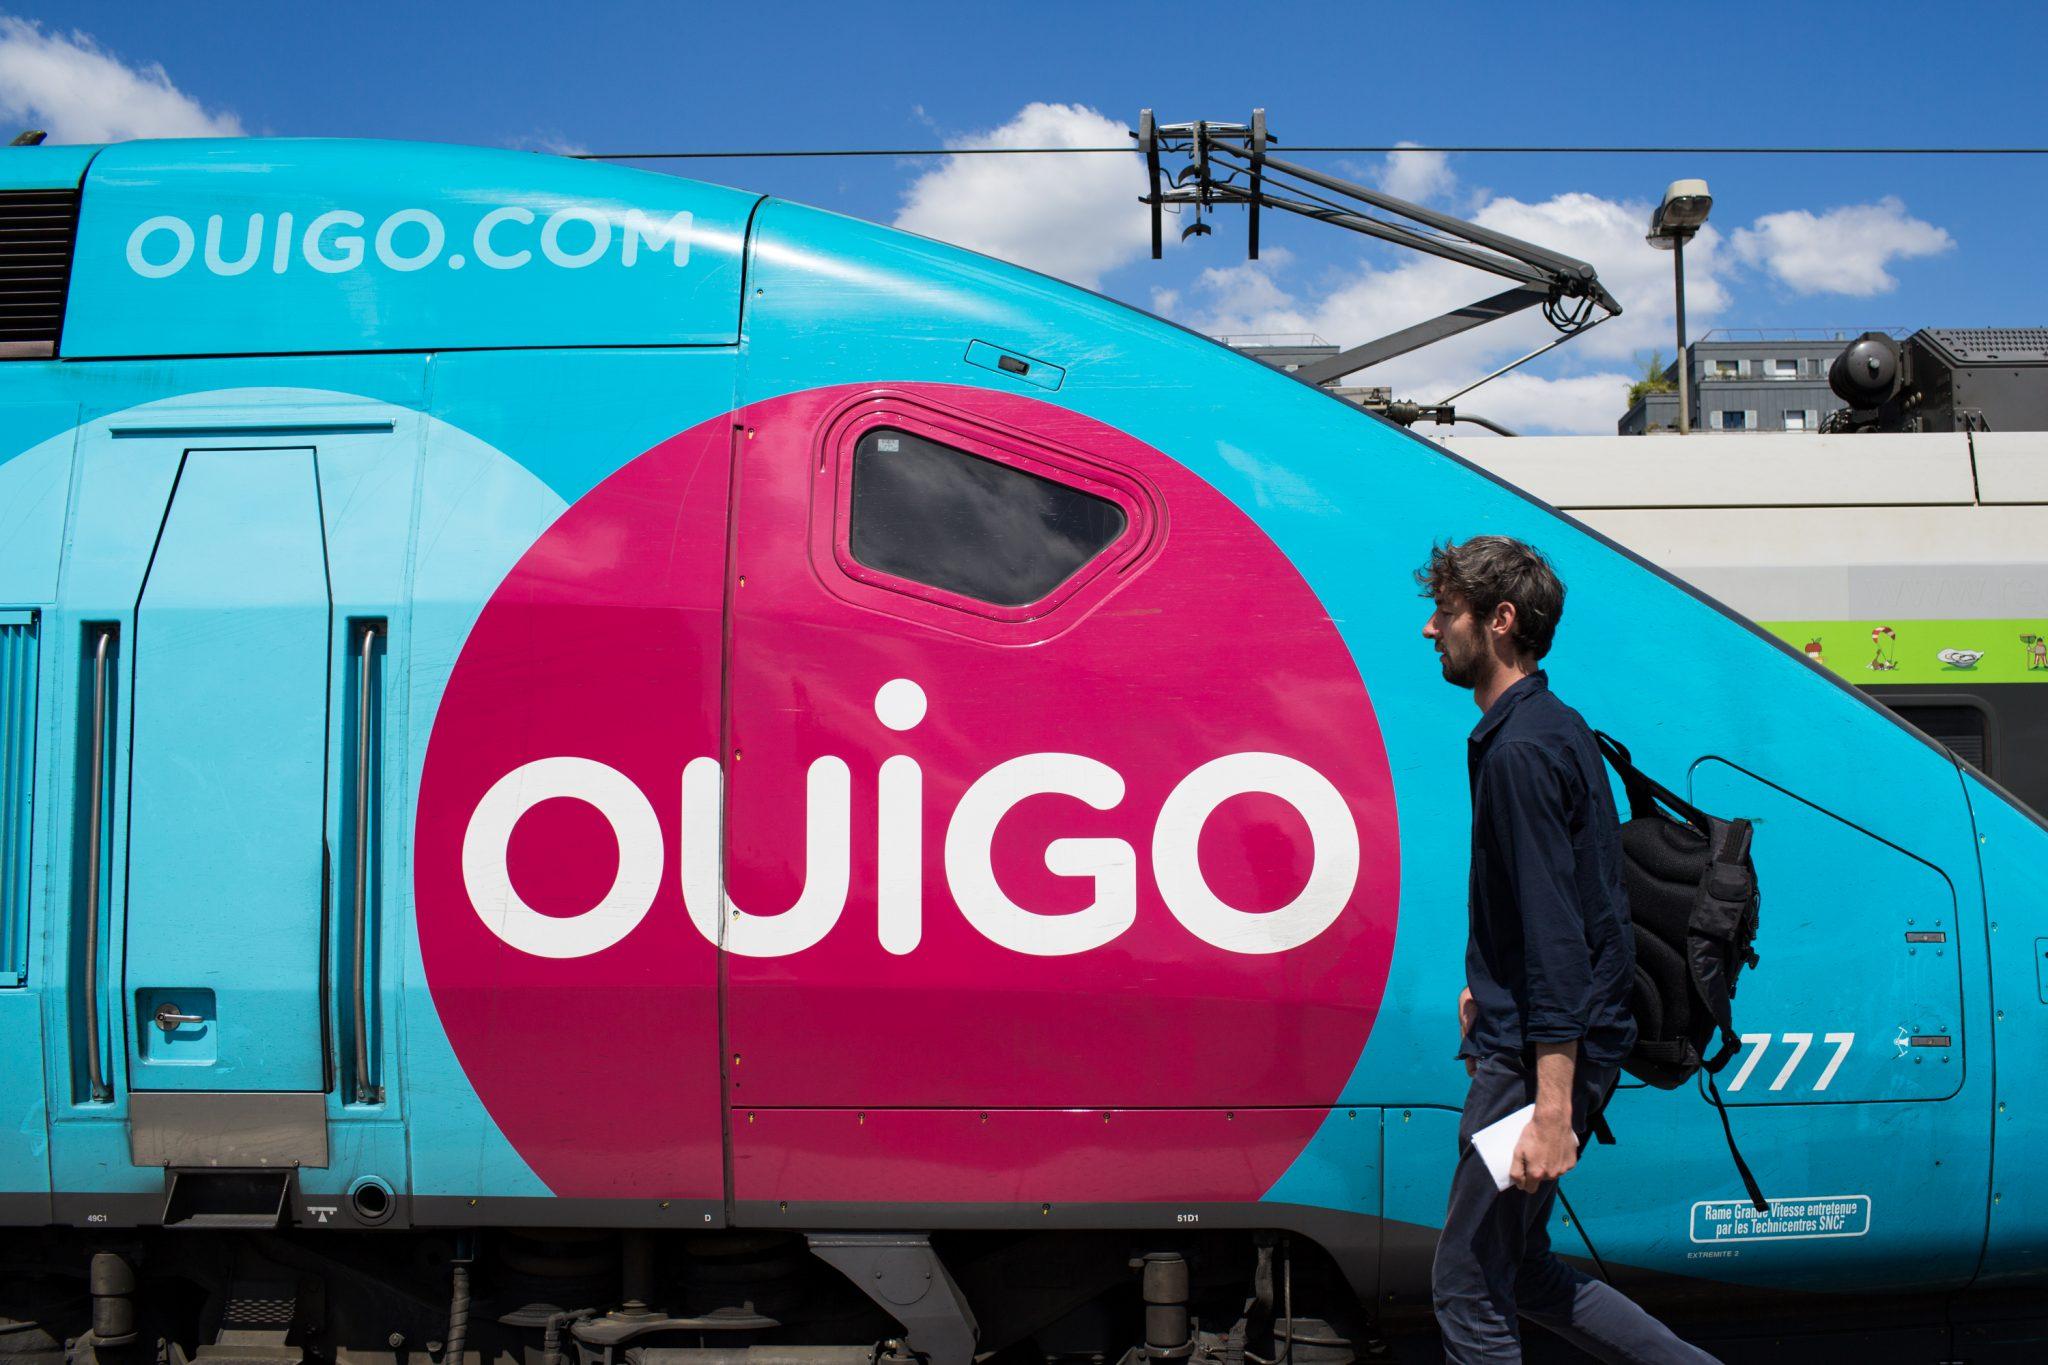 TGV ouigo sncf train